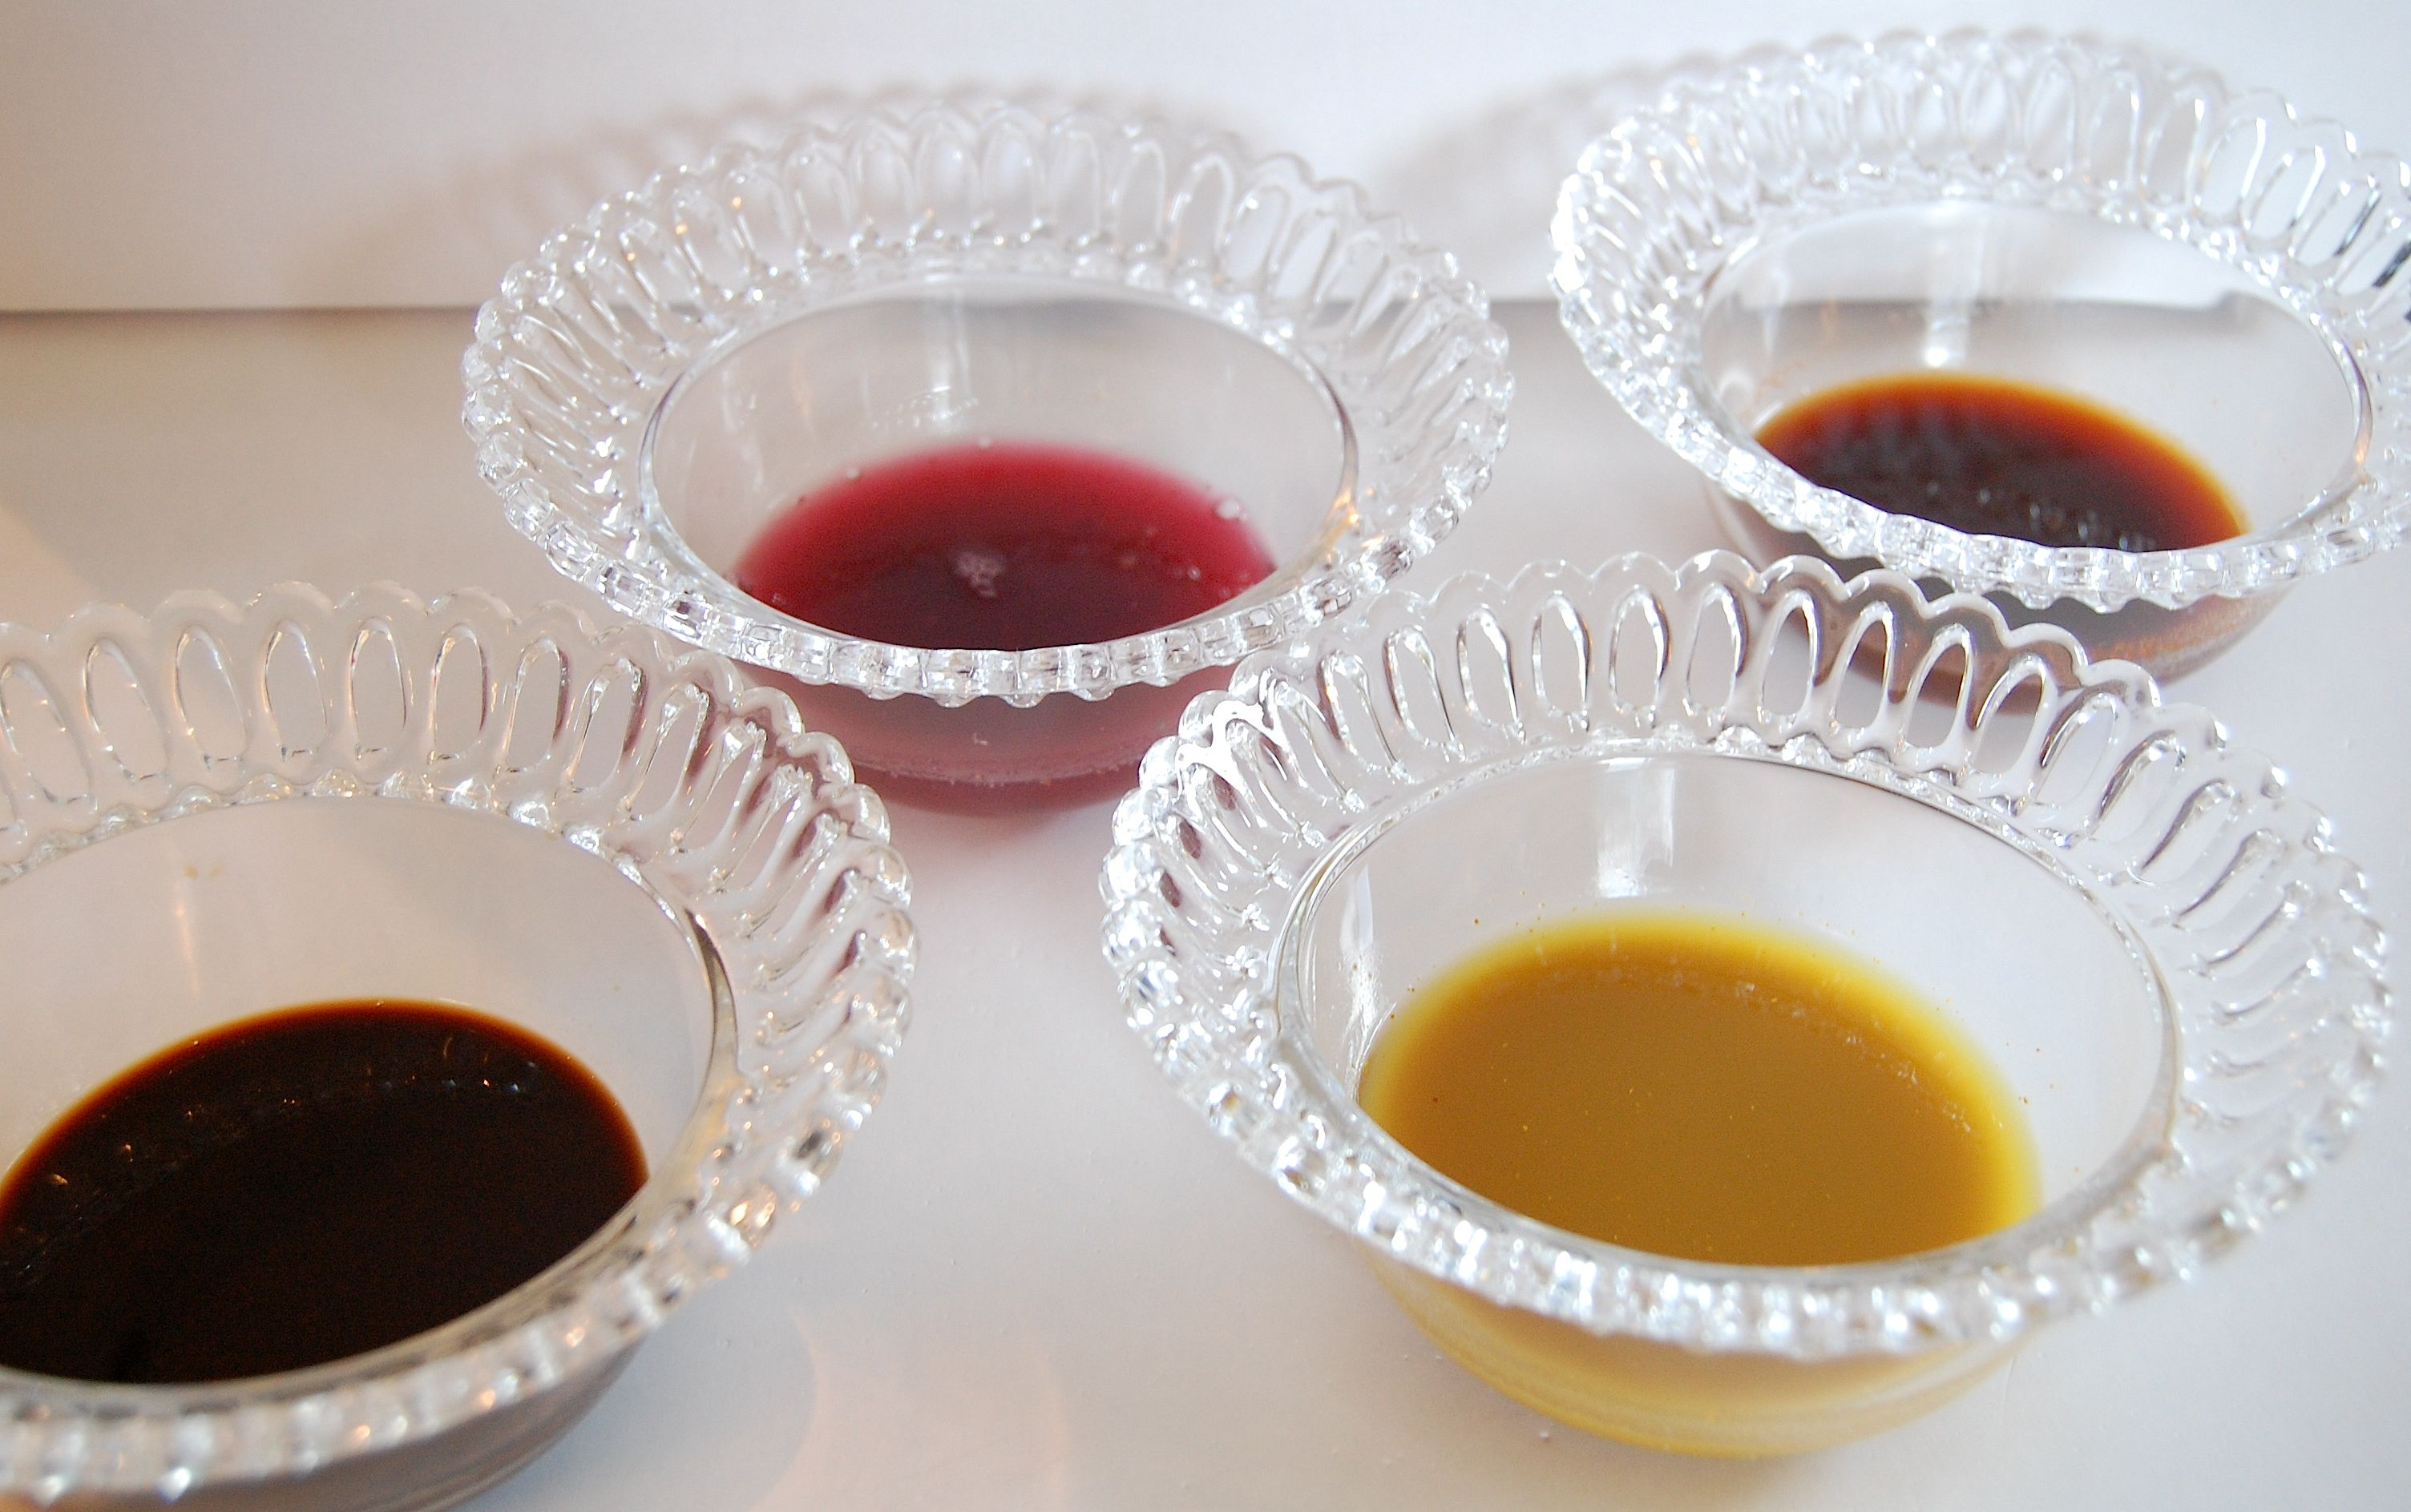 Dye in Bowls